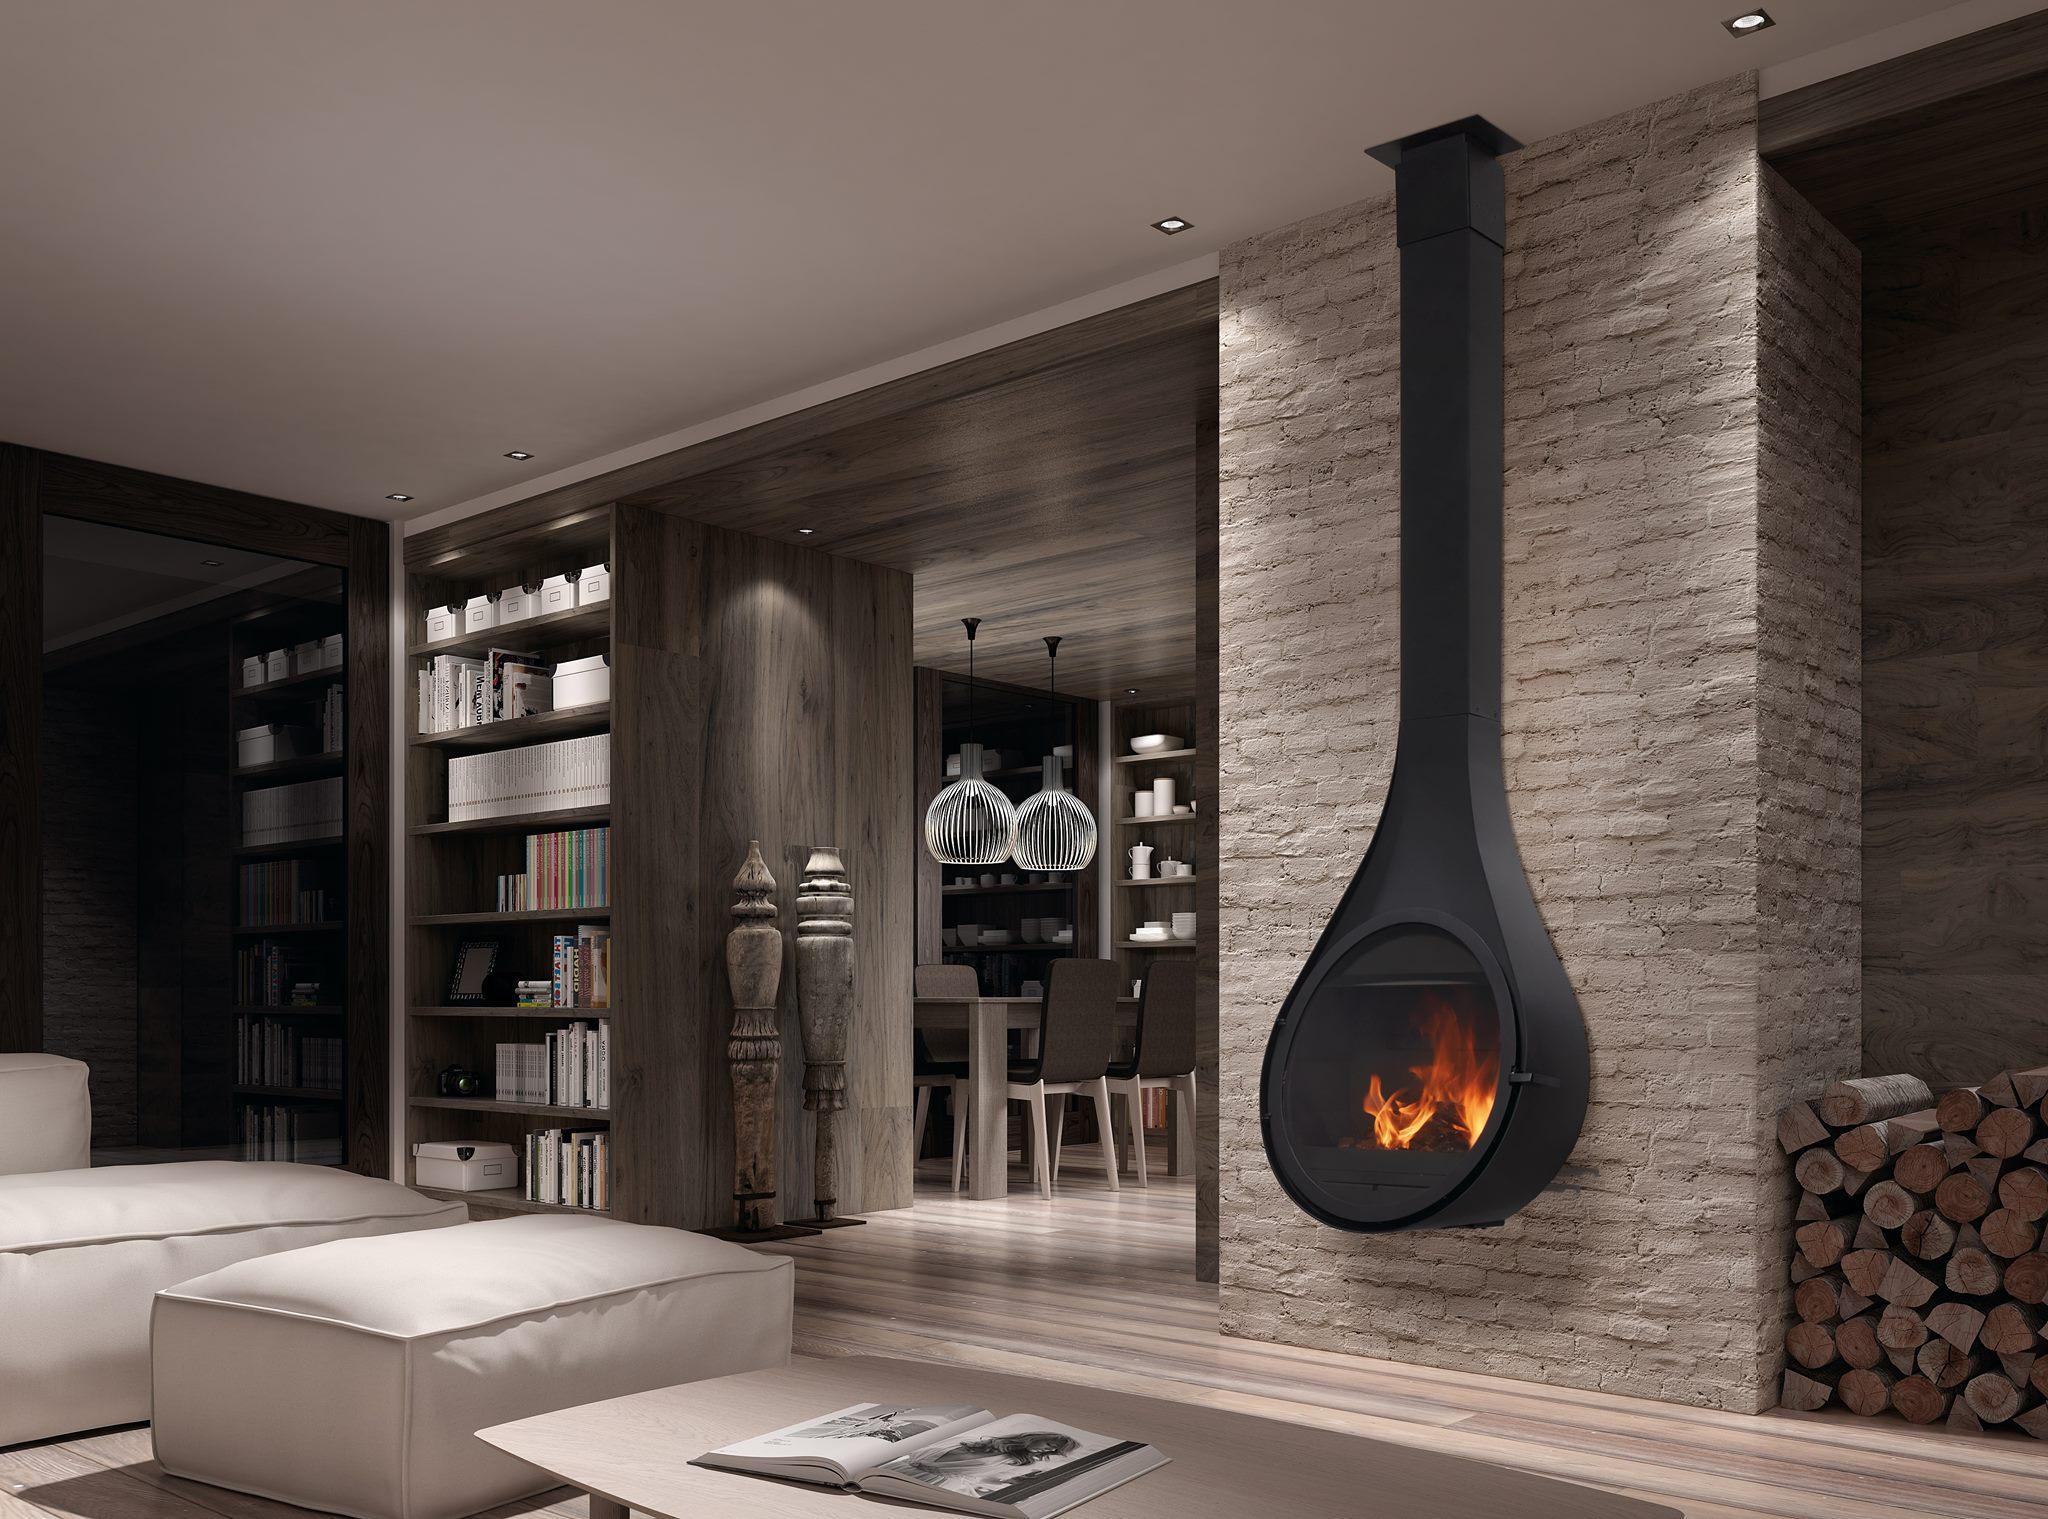 Villani materassi e sofa volantino virtuale for Gardini arredamenti bologna